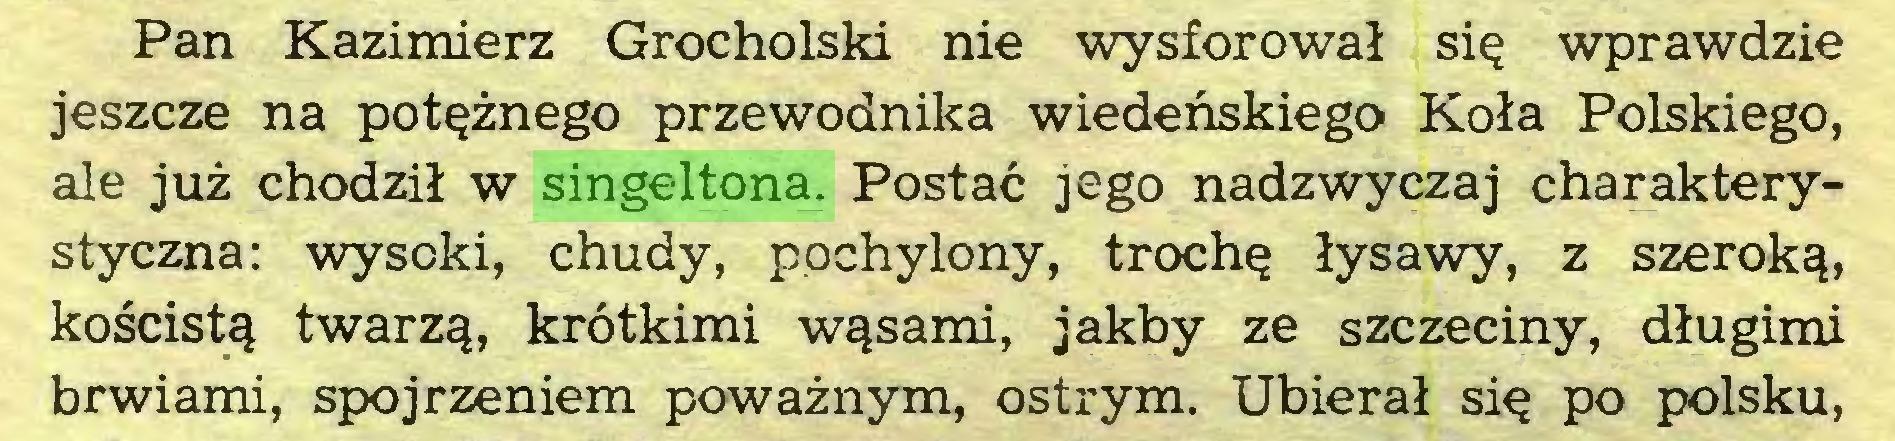 (...) Pan Kazimierz Grocholski nie wysforował się wprawdzie jeszcze na potężnego przewodnika wiedeńskiego Koła Polskiego, ale już chodził w singeltona. Postać jego nadzwyczaj charakterystyczna: wysoki, chudy, pochylony, trochę łysawy, z szeroką, kościstą twarzą, krótkimi wąsami, jakby ze szczeciny, długimi brwiami, spojrzeniem poważnym, ostrym. Ubierał się po polsku,...